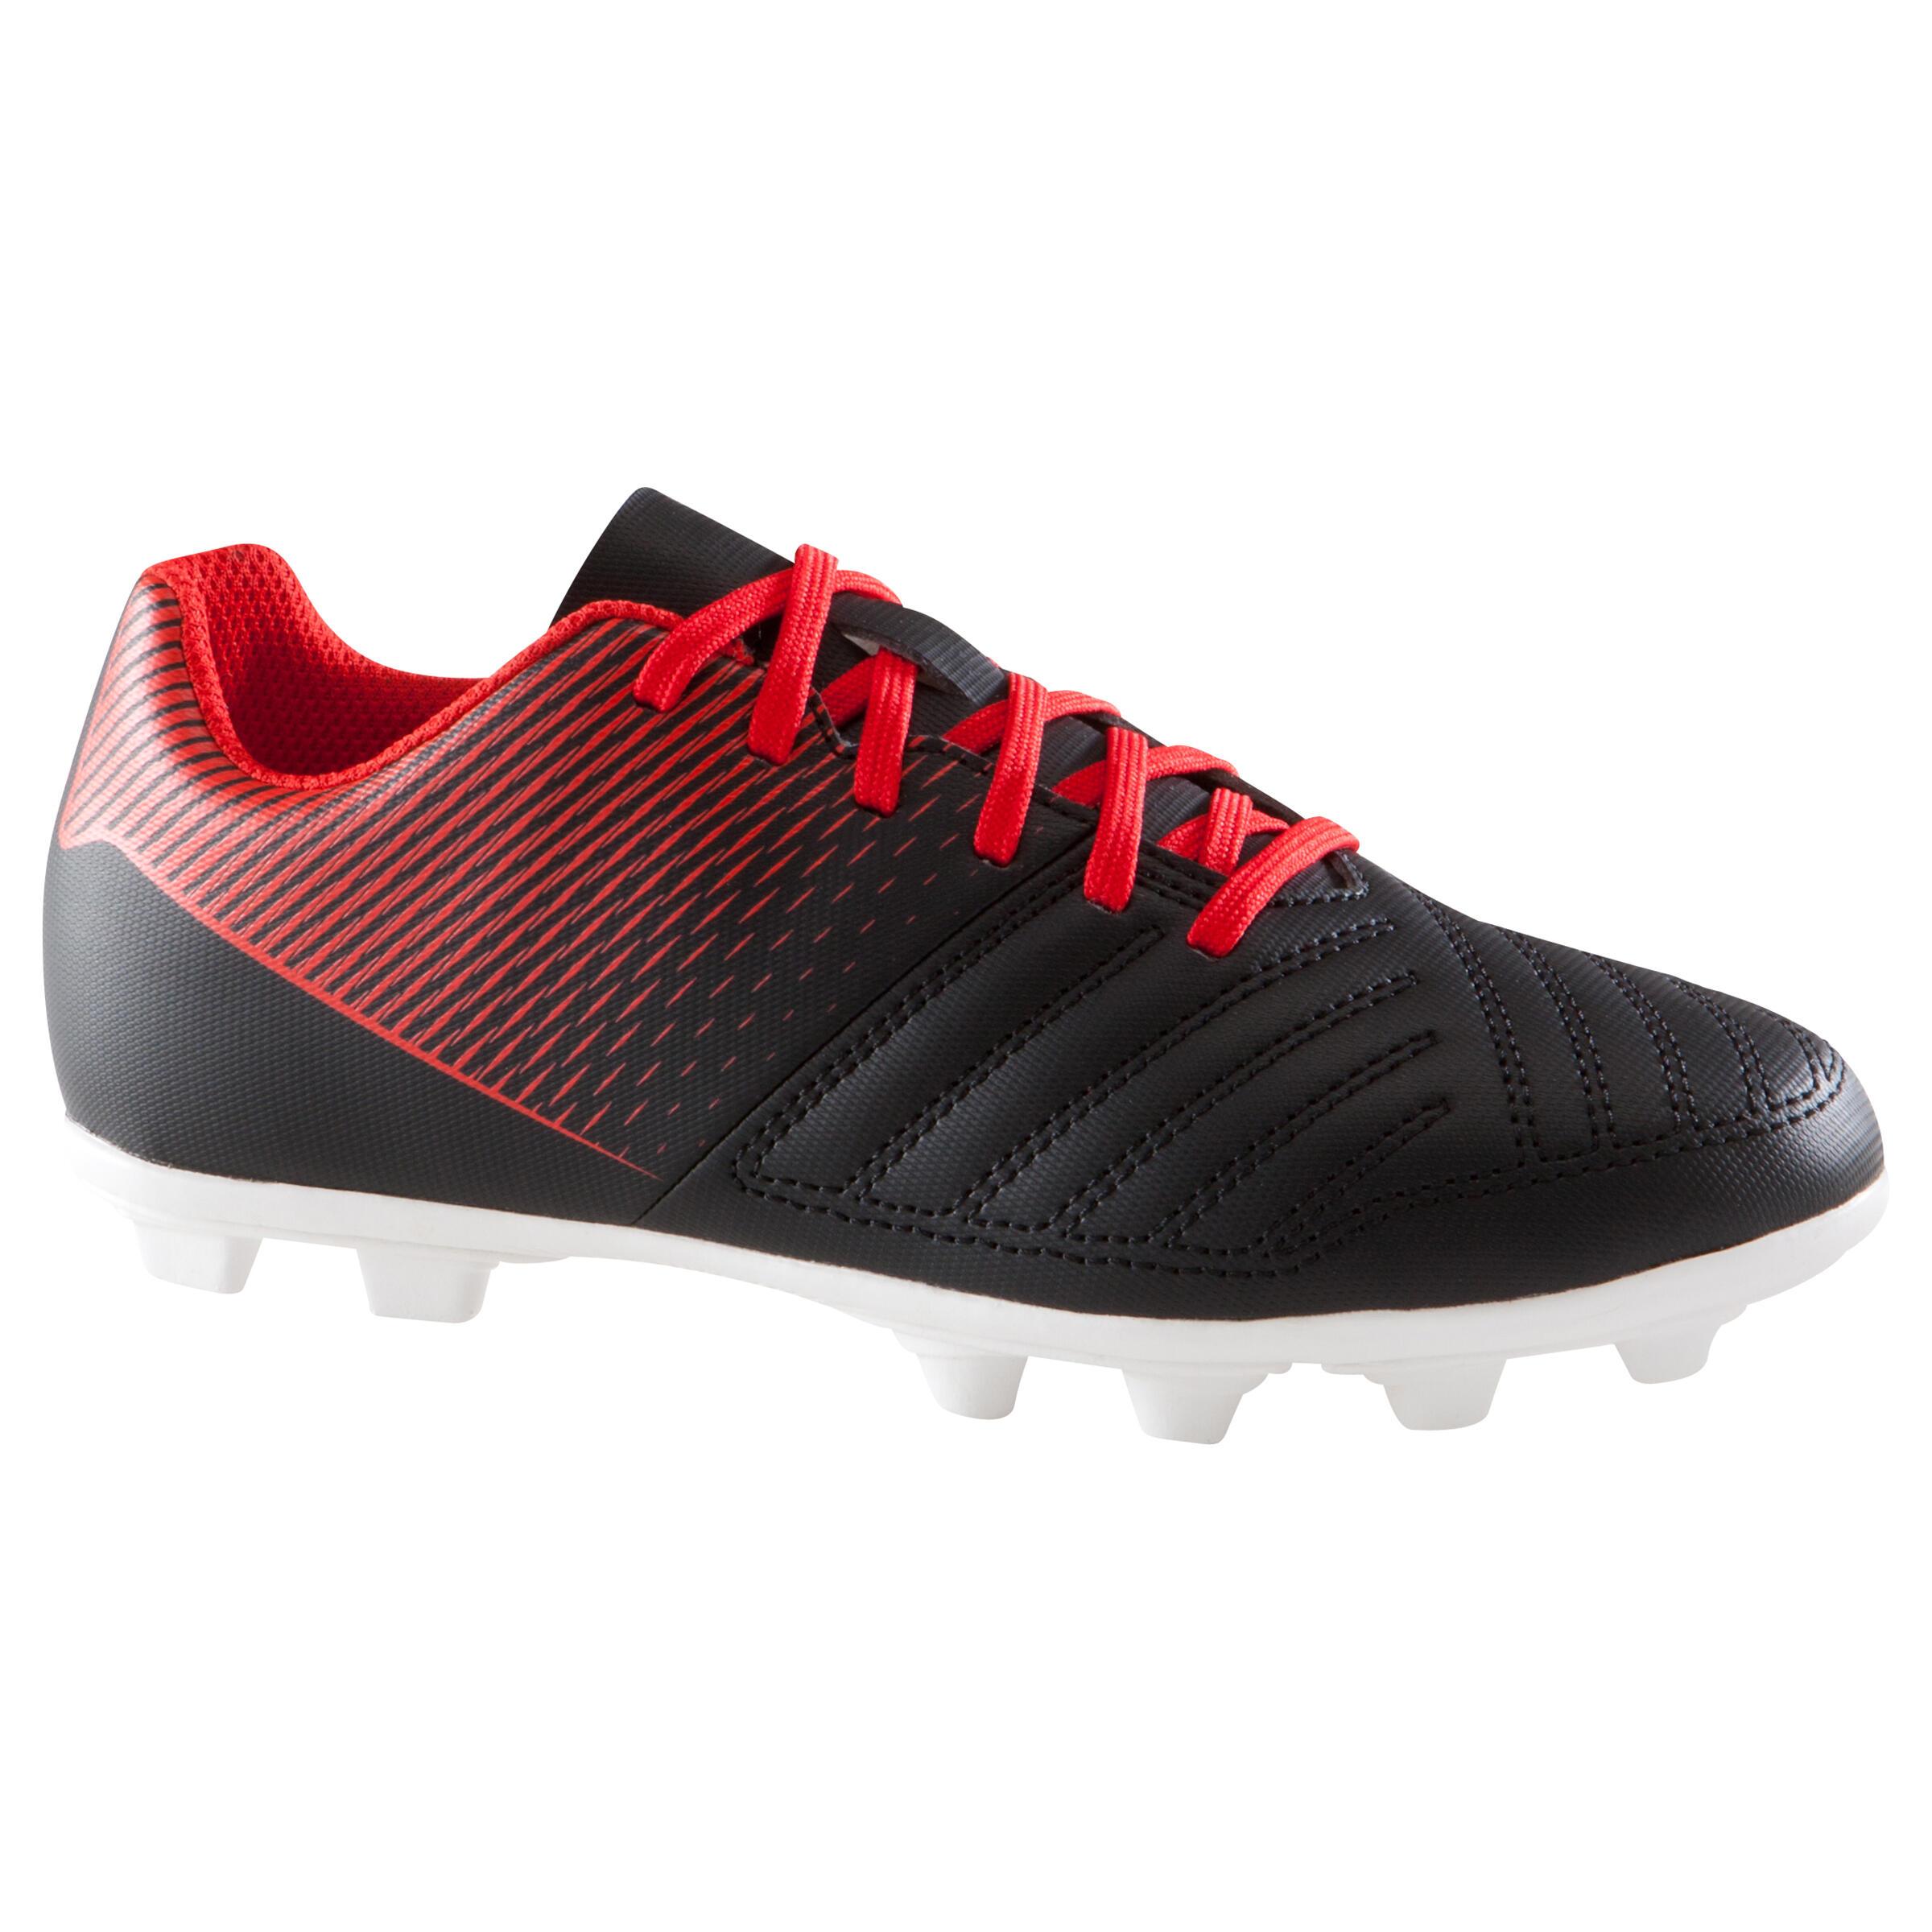 9cffc44f50c22 Comprar Botas de Fútbol niños online